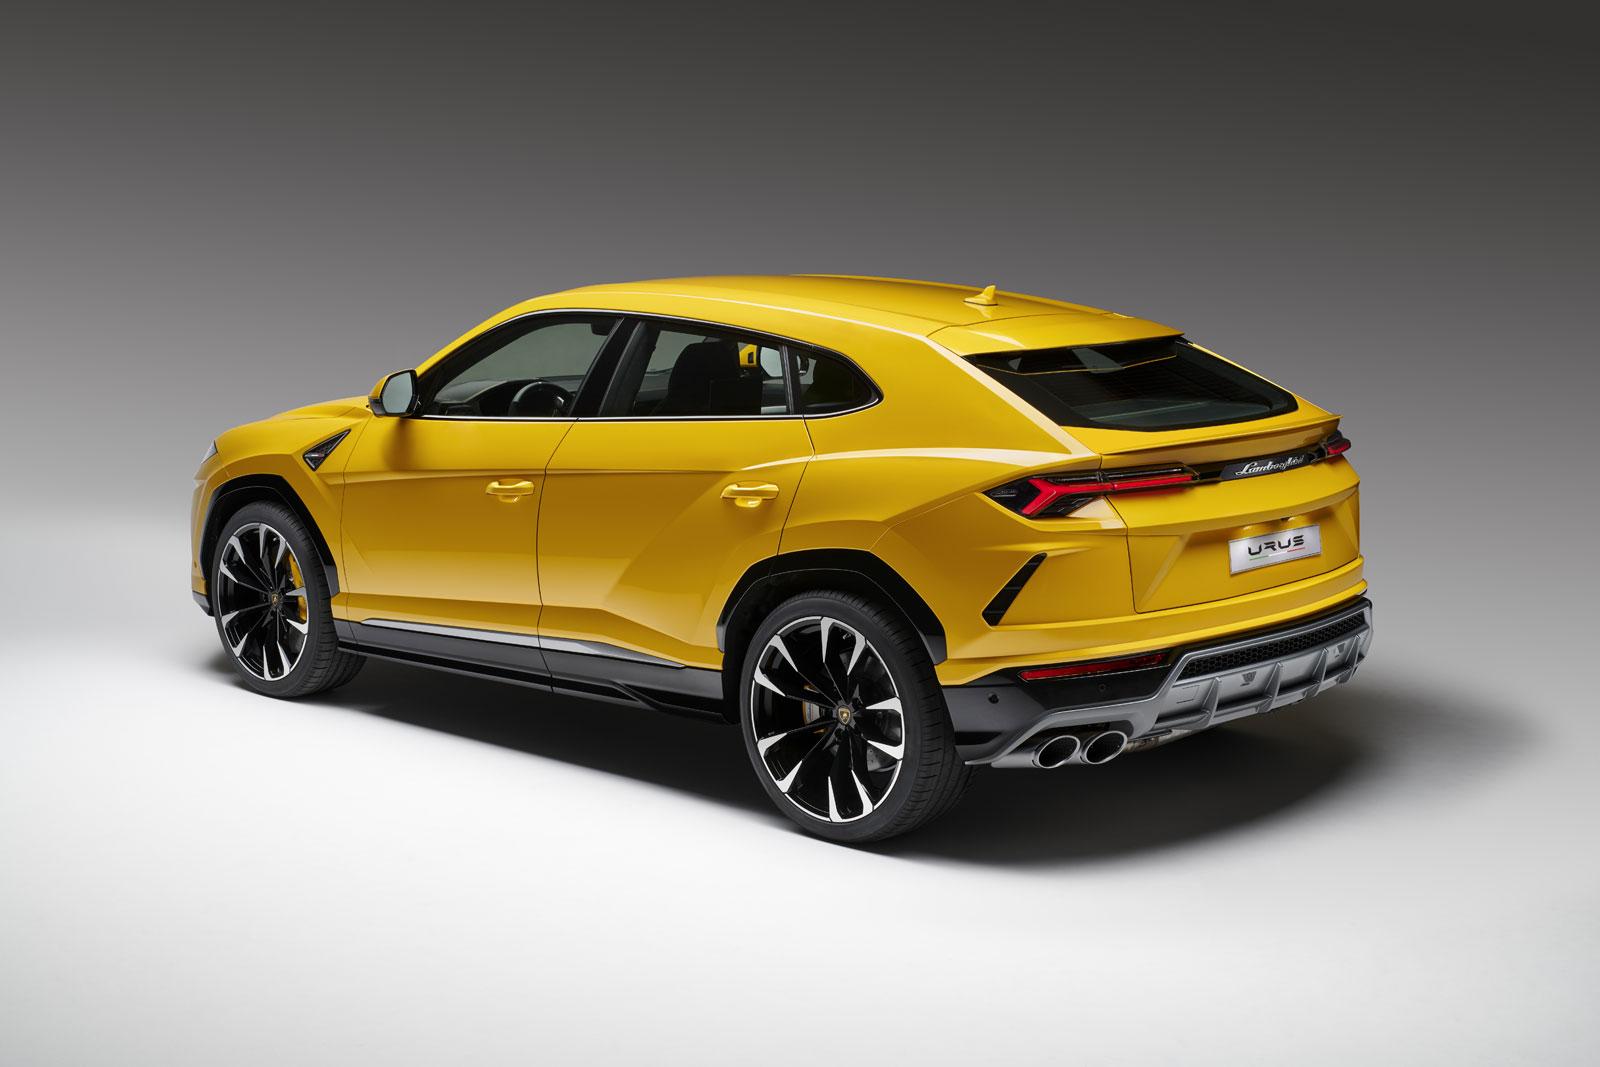 Lamborghini Urus Car Body Design